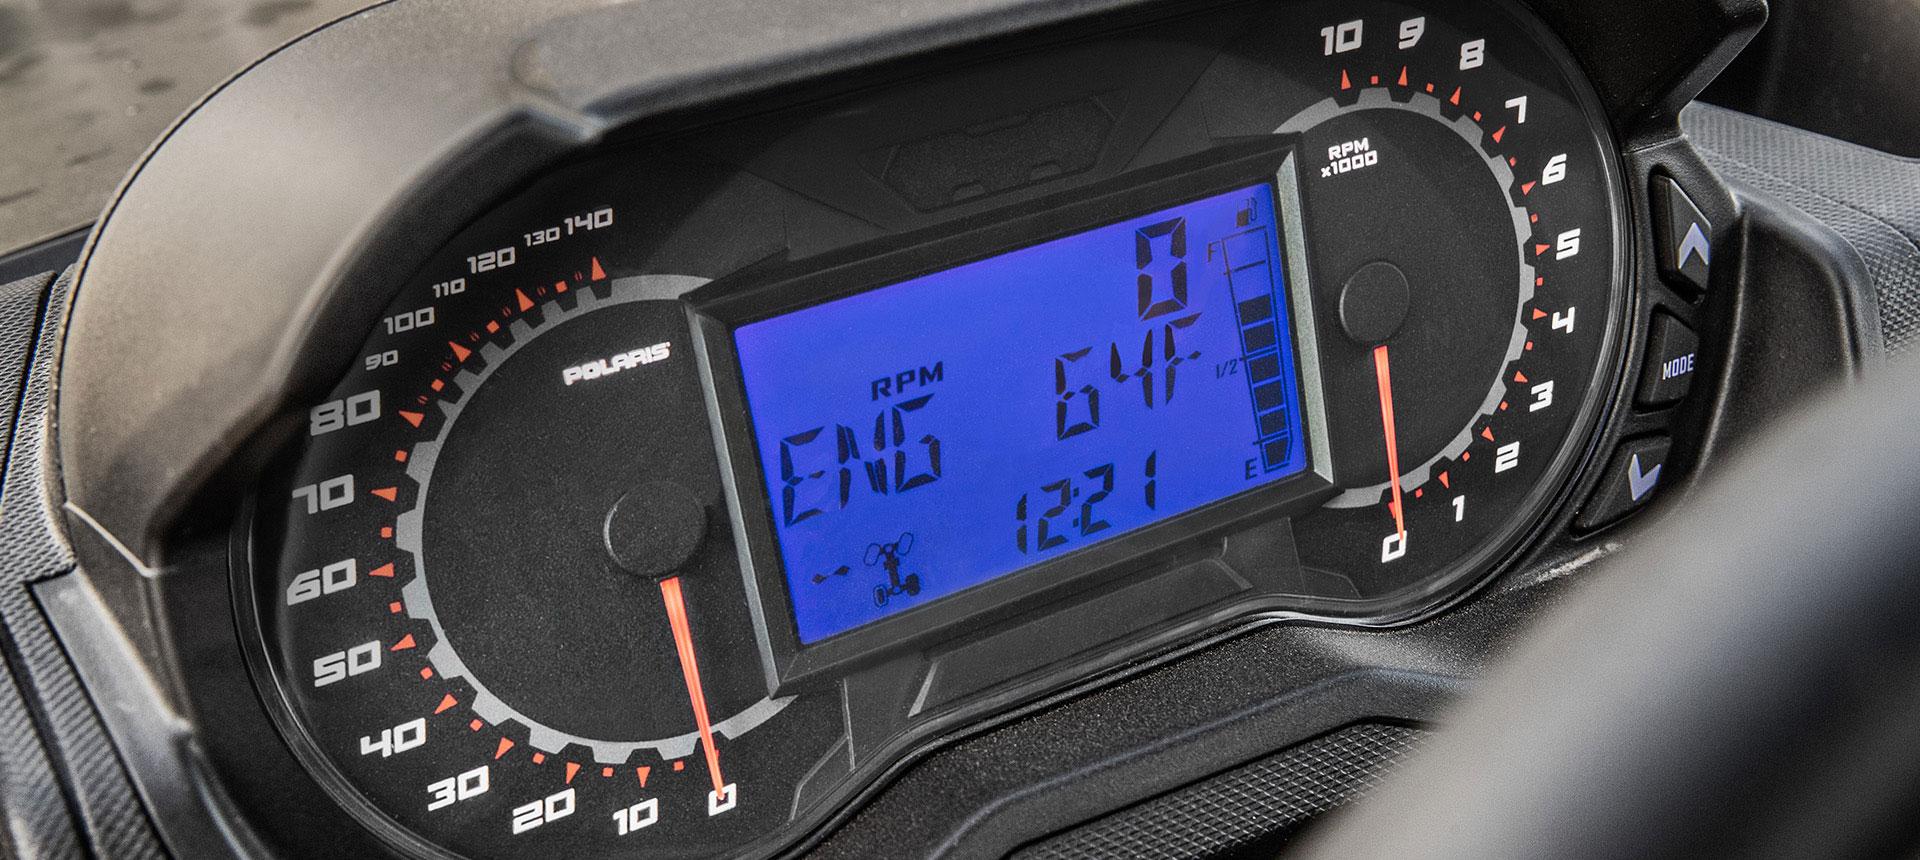 High Lifter Edition Polaris Ranger Xp 1000 Crew Utv Guide